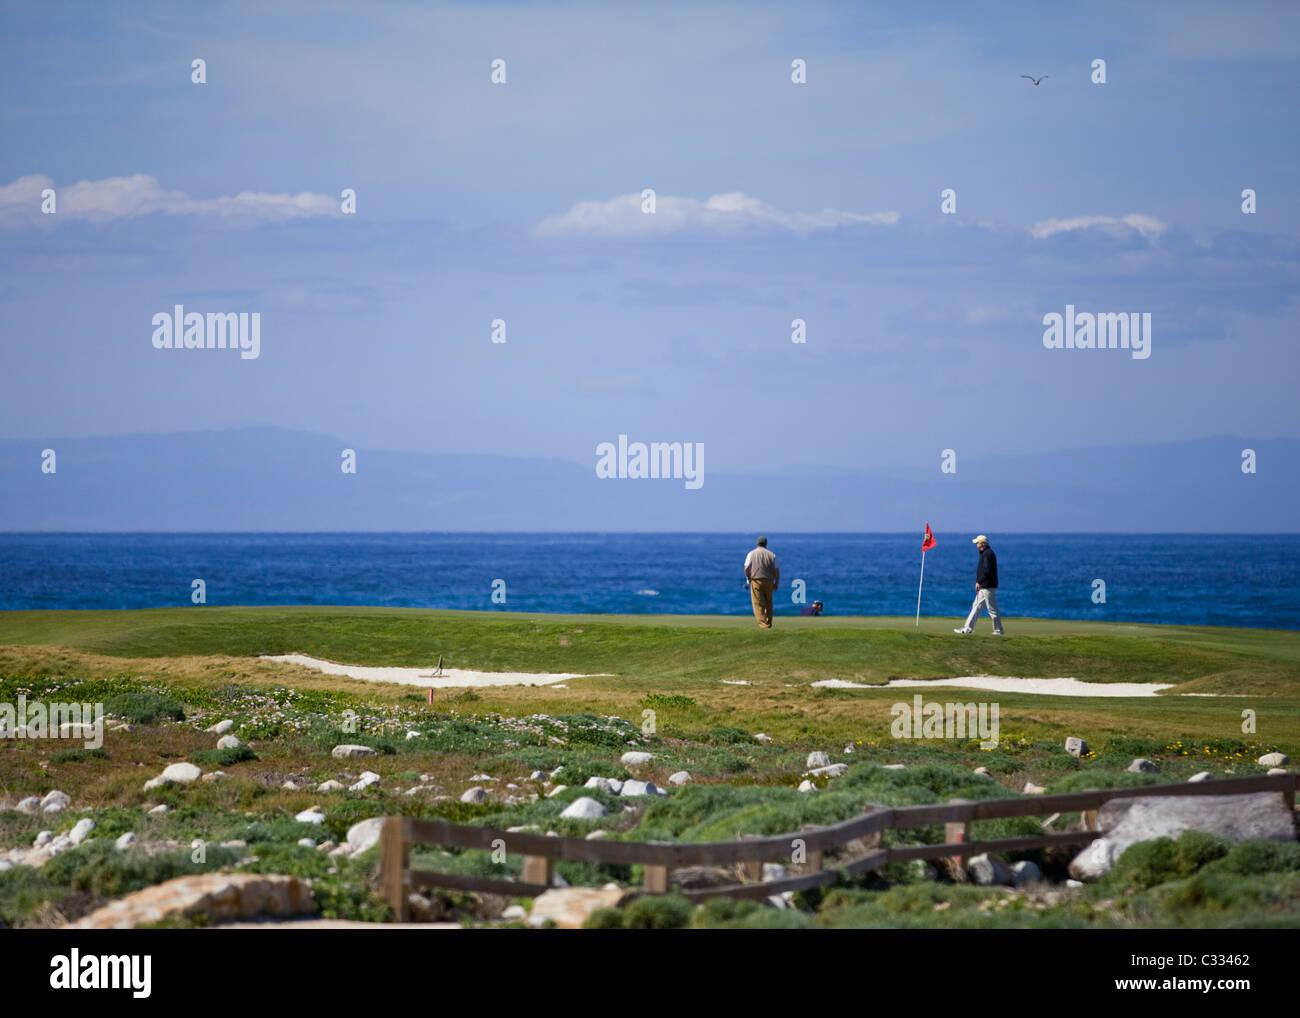 Gli amanti del golf sul putting green sul fronte oceano famoso campo di golf di Pebble Beach Immagini Stock